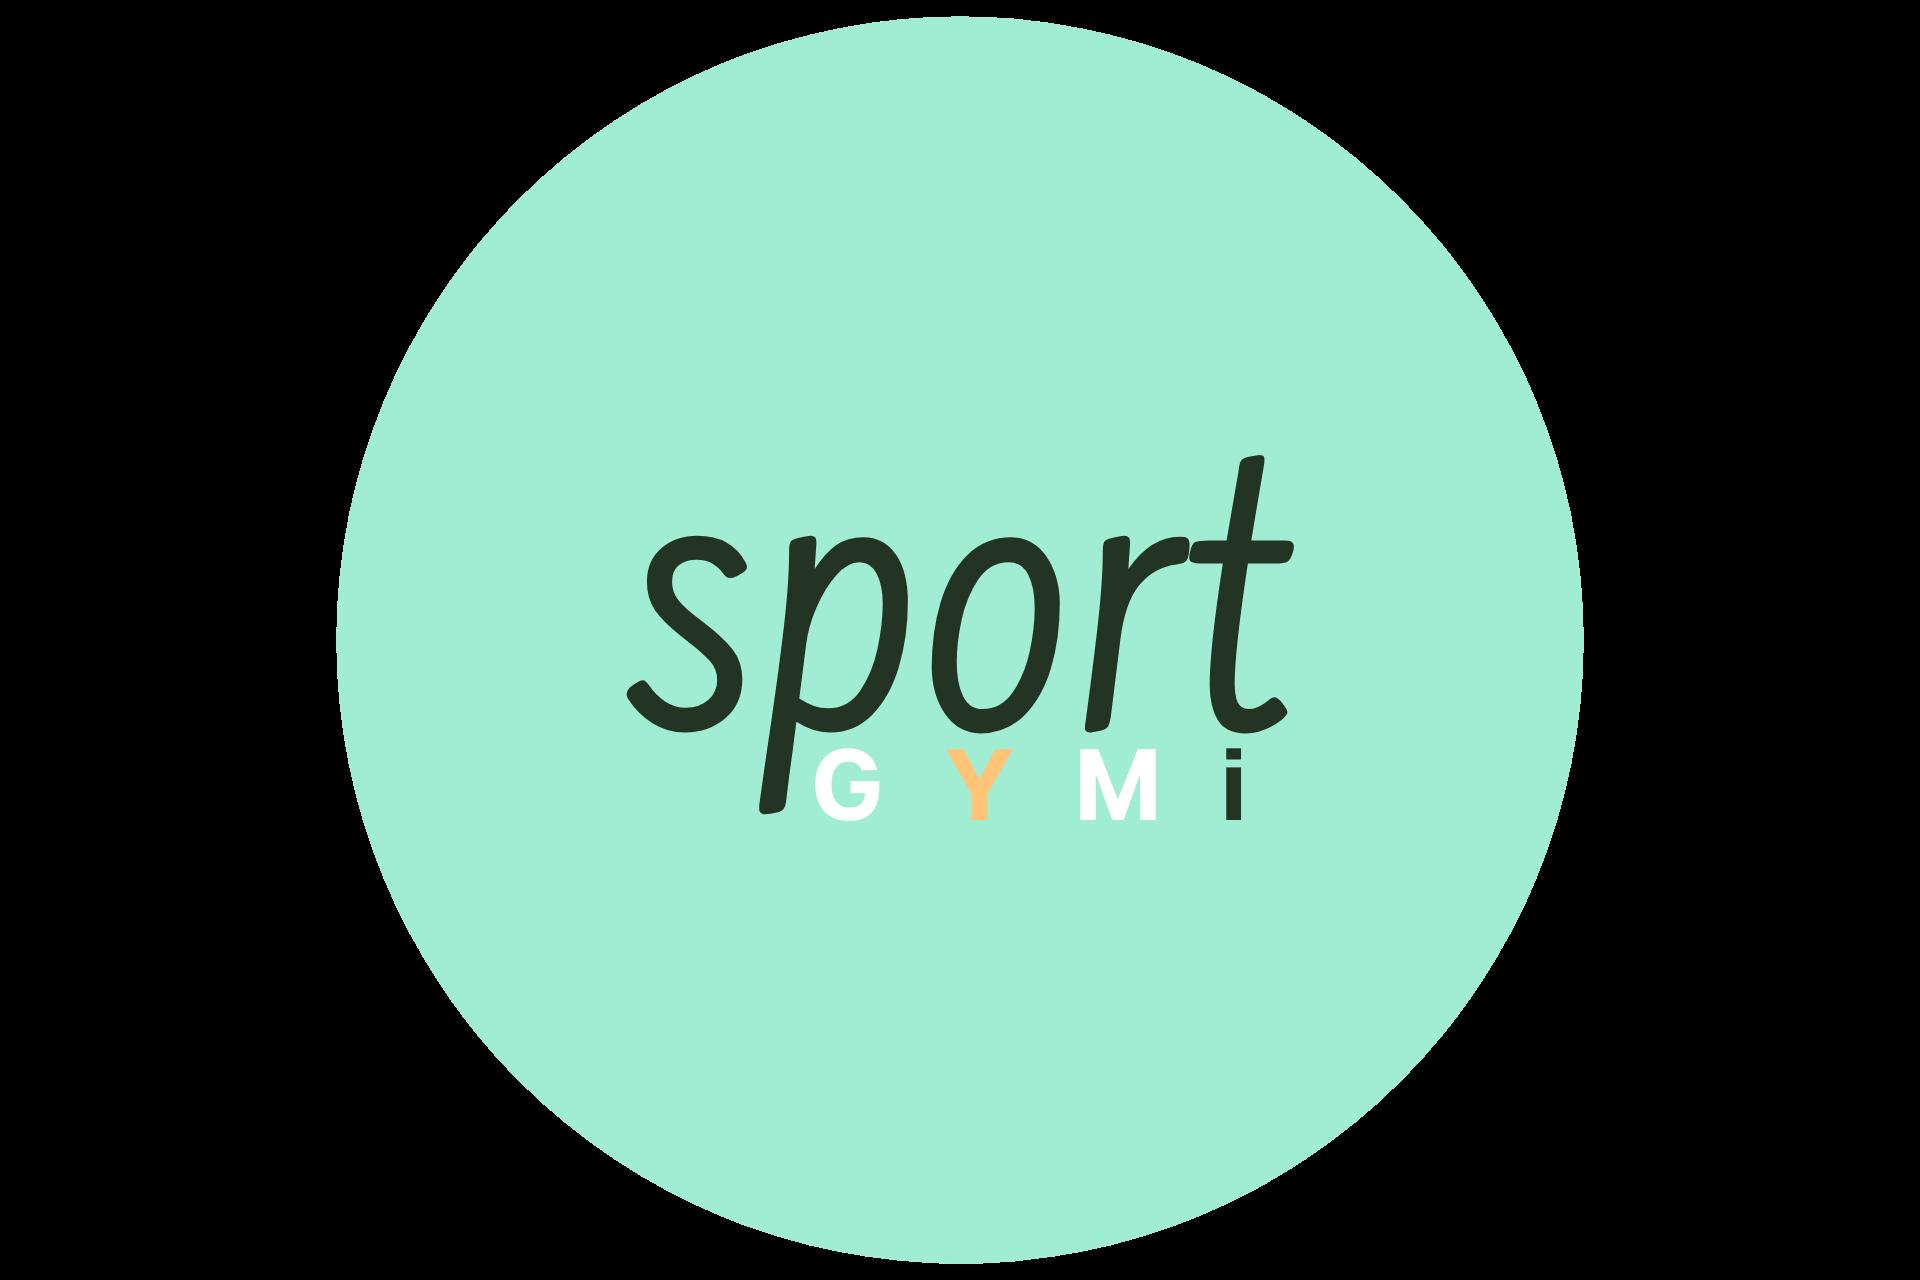 GYMi_sport_logo